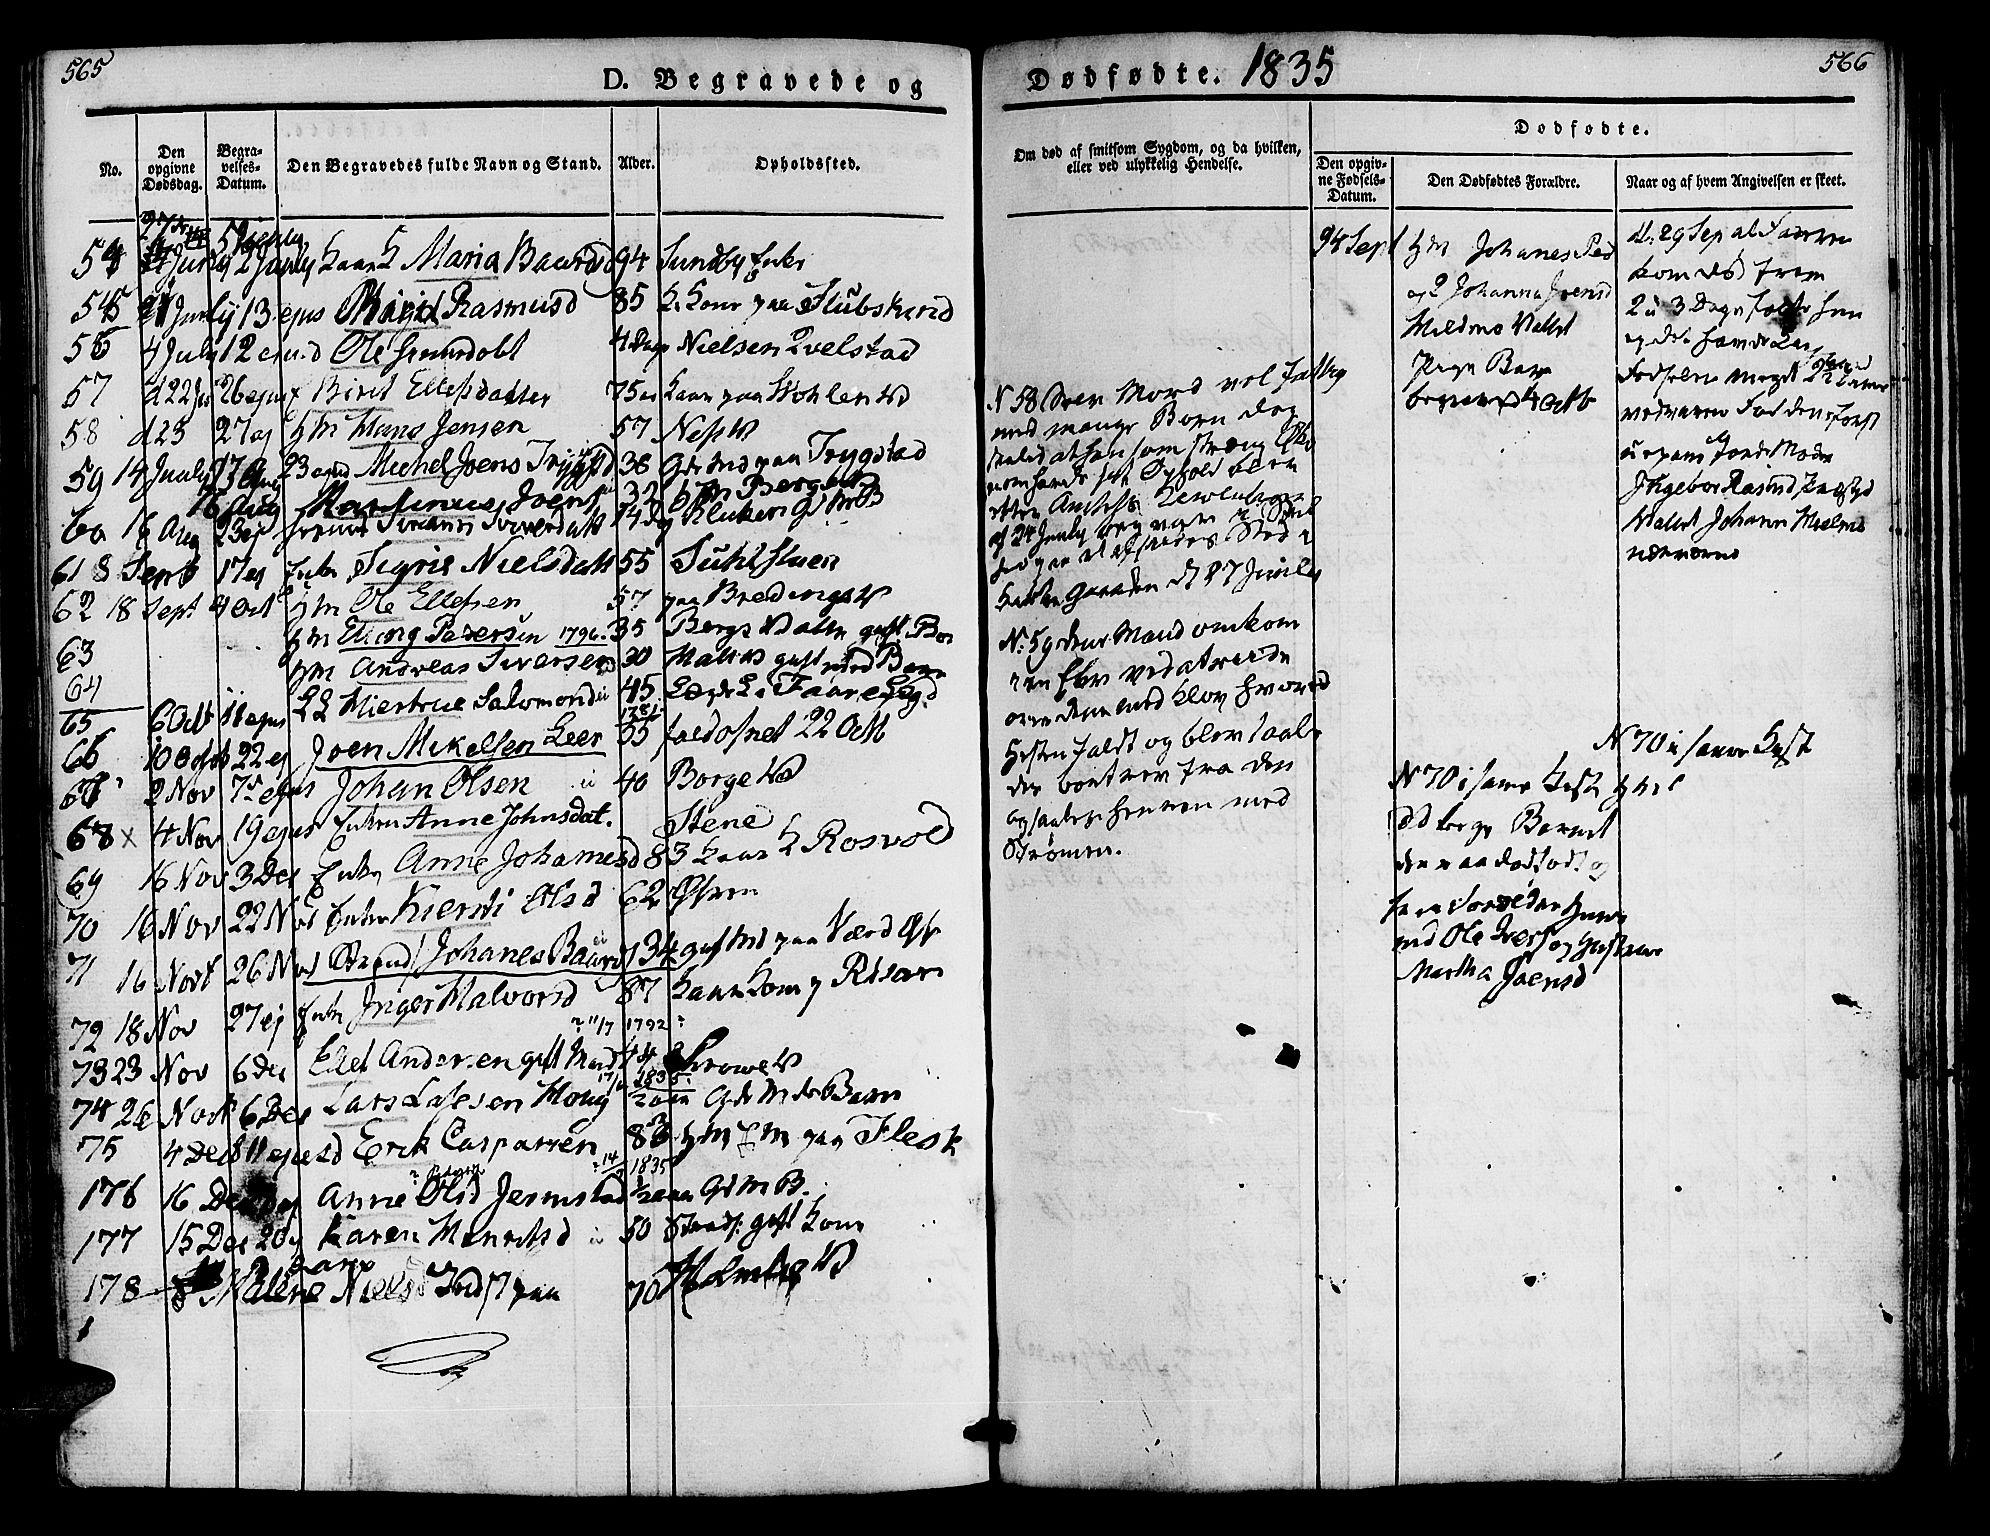 SAT, Ministerialprotokoller, klokkerbøker og fødselsregistre - Nord-Trøndelag, 723/L0238: Ministerialbok nr. 723A07, 1831-1840, s. 565-566